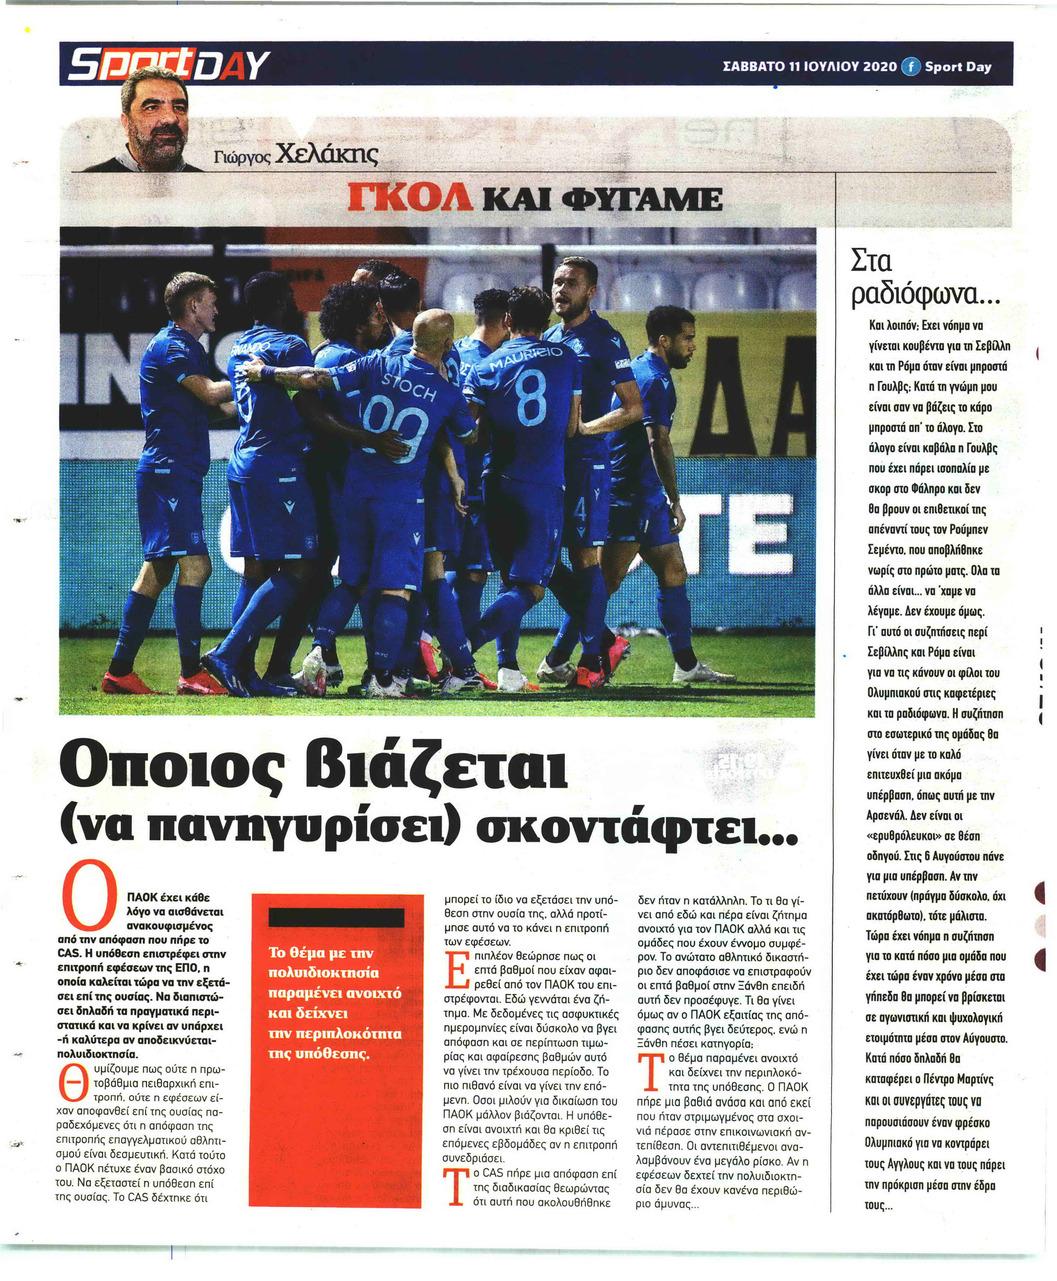 Οπισθόφυλλο εφημερίδας Sportday